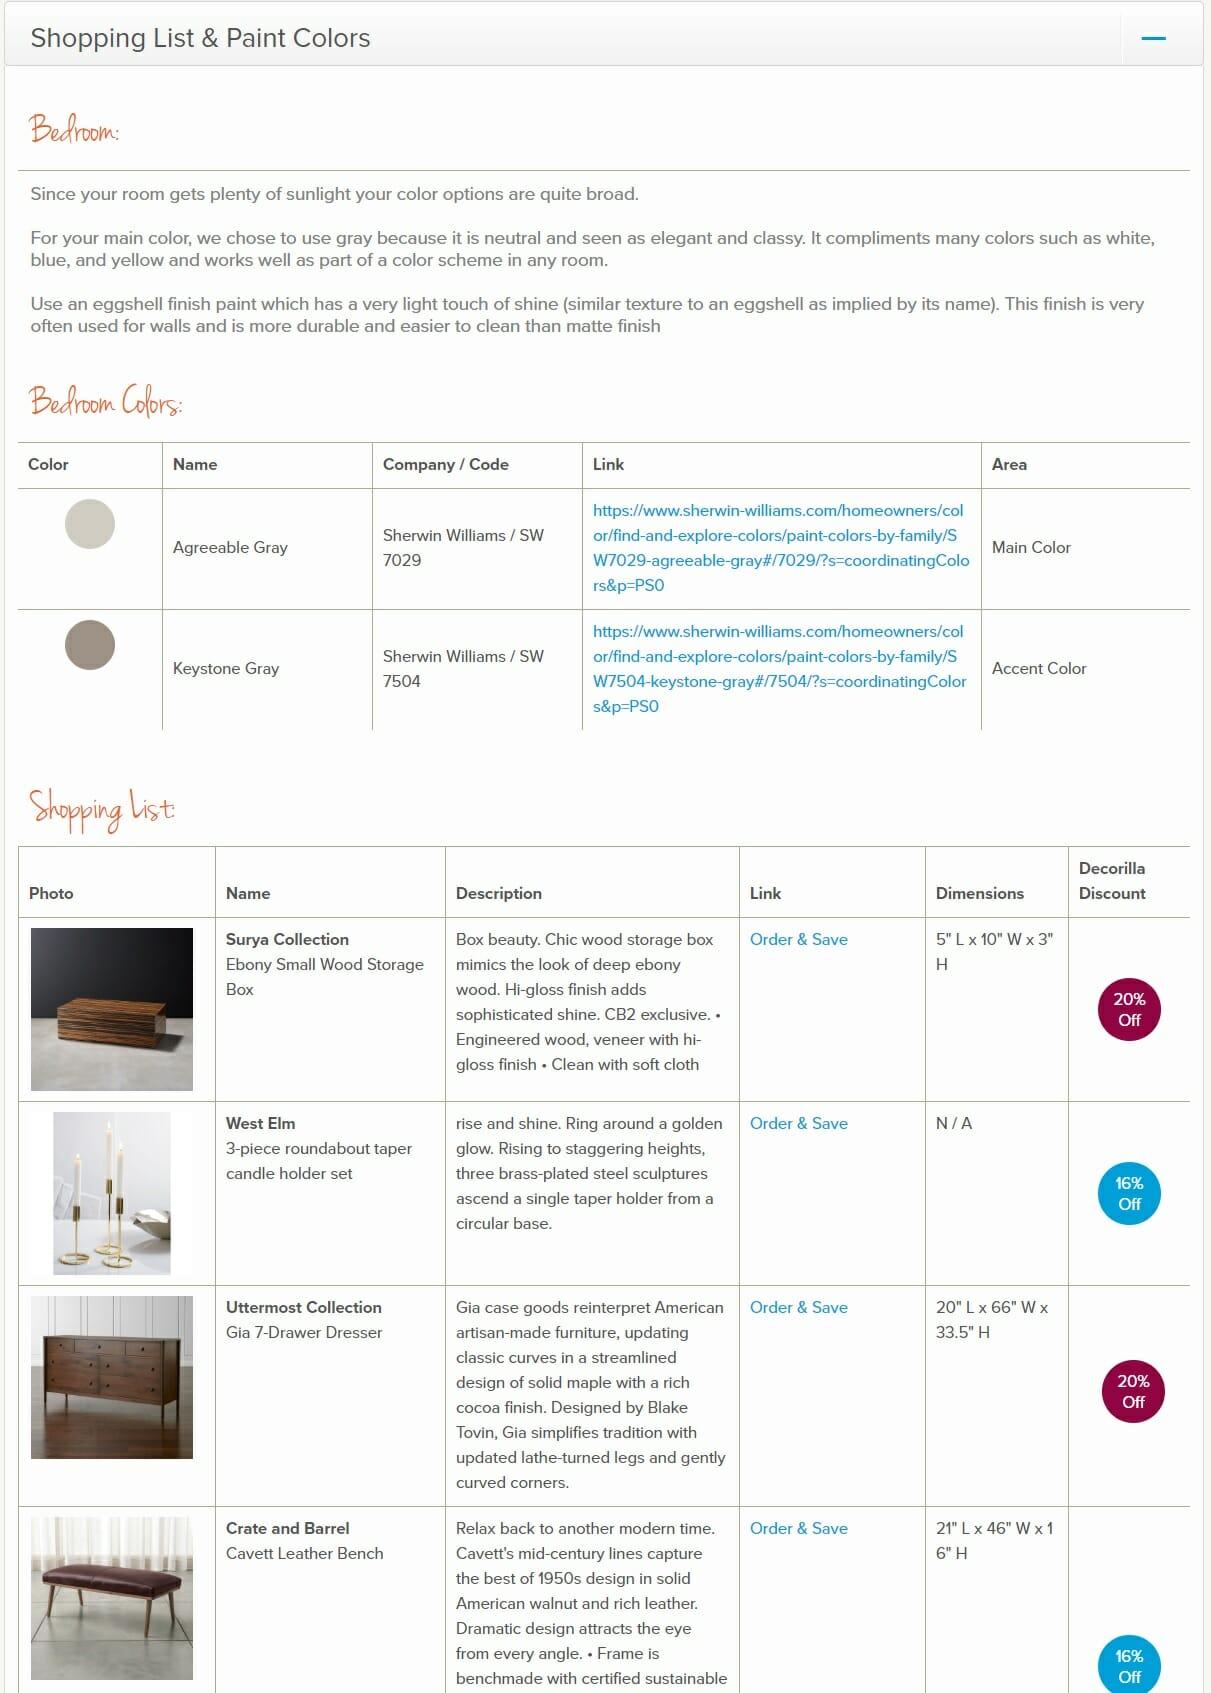 decorilla vs modsy comparison shopping list